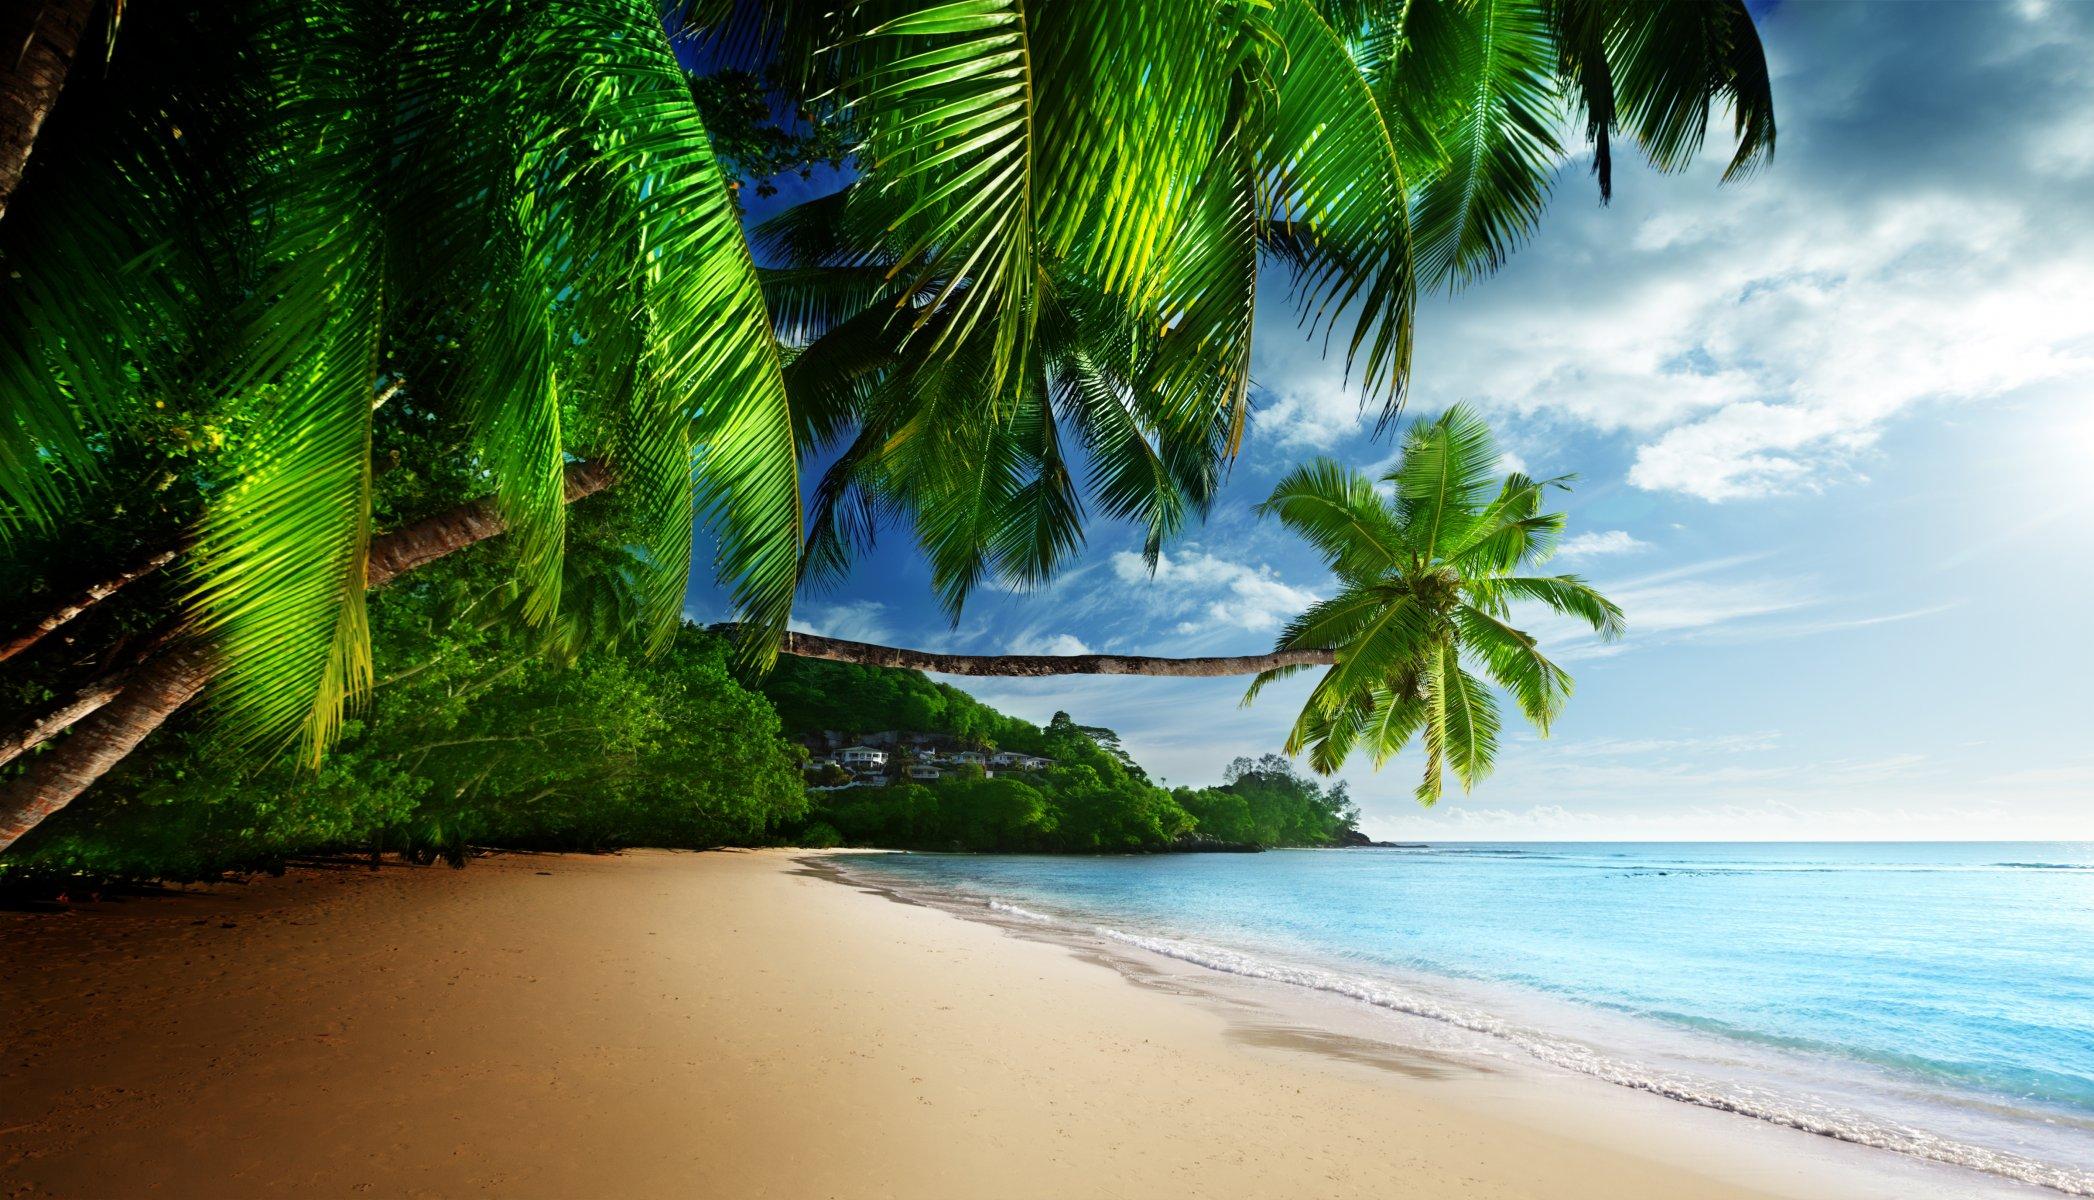 Фото девушек на тропическом побережье эротика, секс ролики лохматая пизда